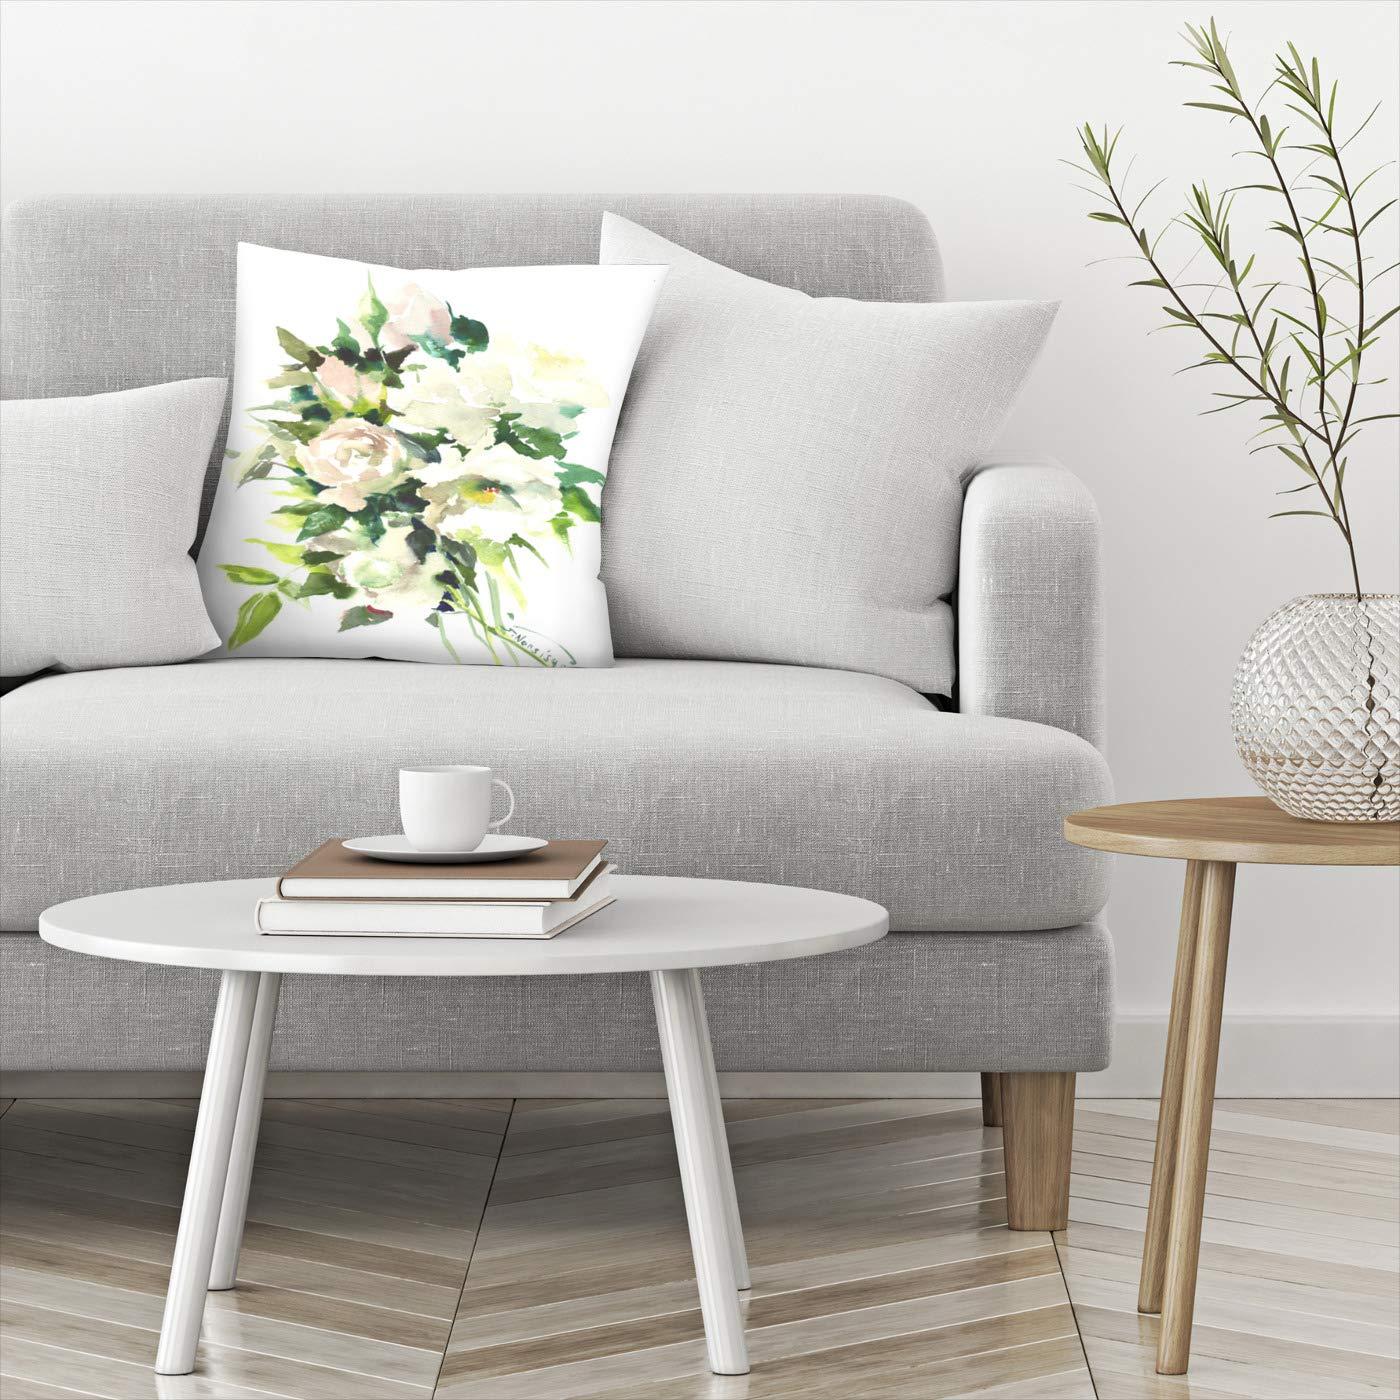 Amazon.com: american flat rosas blancas almohada por Suren ...